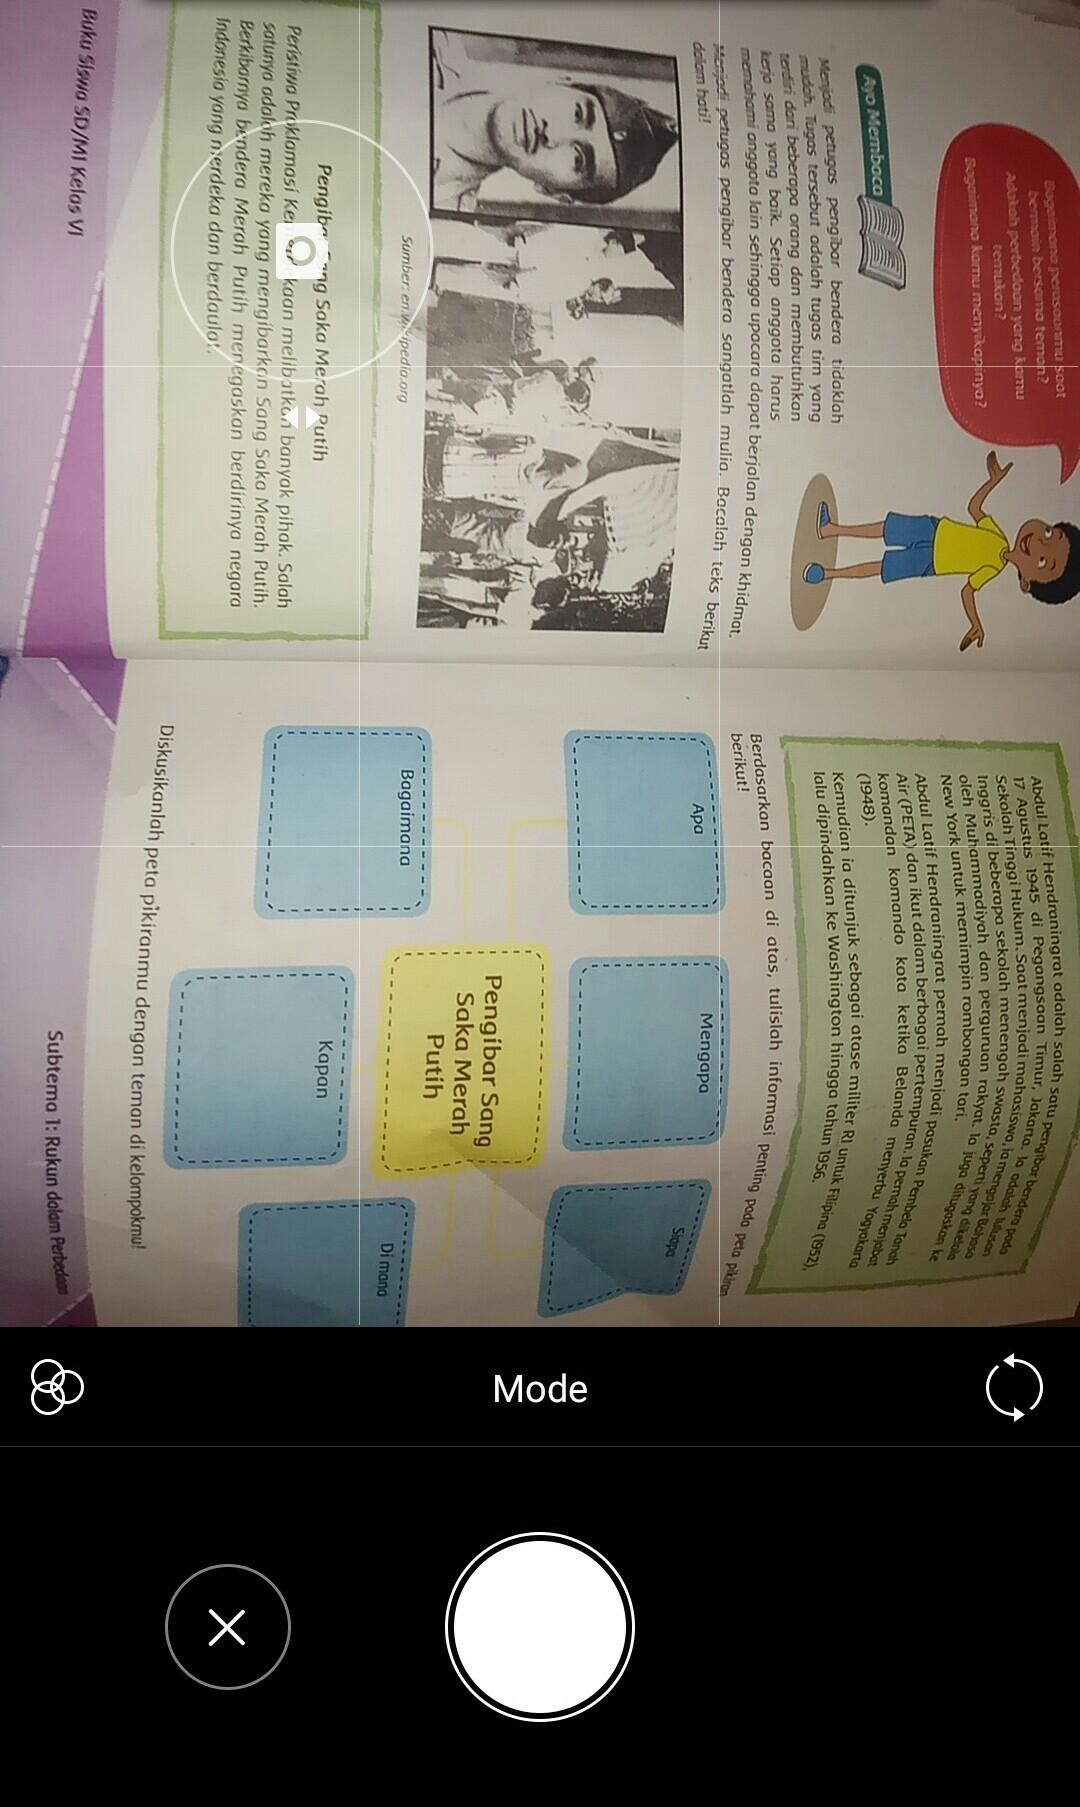 Kembangkan Informasi Pada Peta Pikiran Menggunakan Kalimatmu Sendiri : kembangkan, informasi, pikiran, menggunakan, kalimatmu, sendiri, Berdasarkan, Bacaan, Tulislah, Informasi, Penting, Pikiran, Berikut, Pengibar, Brainly.co.id